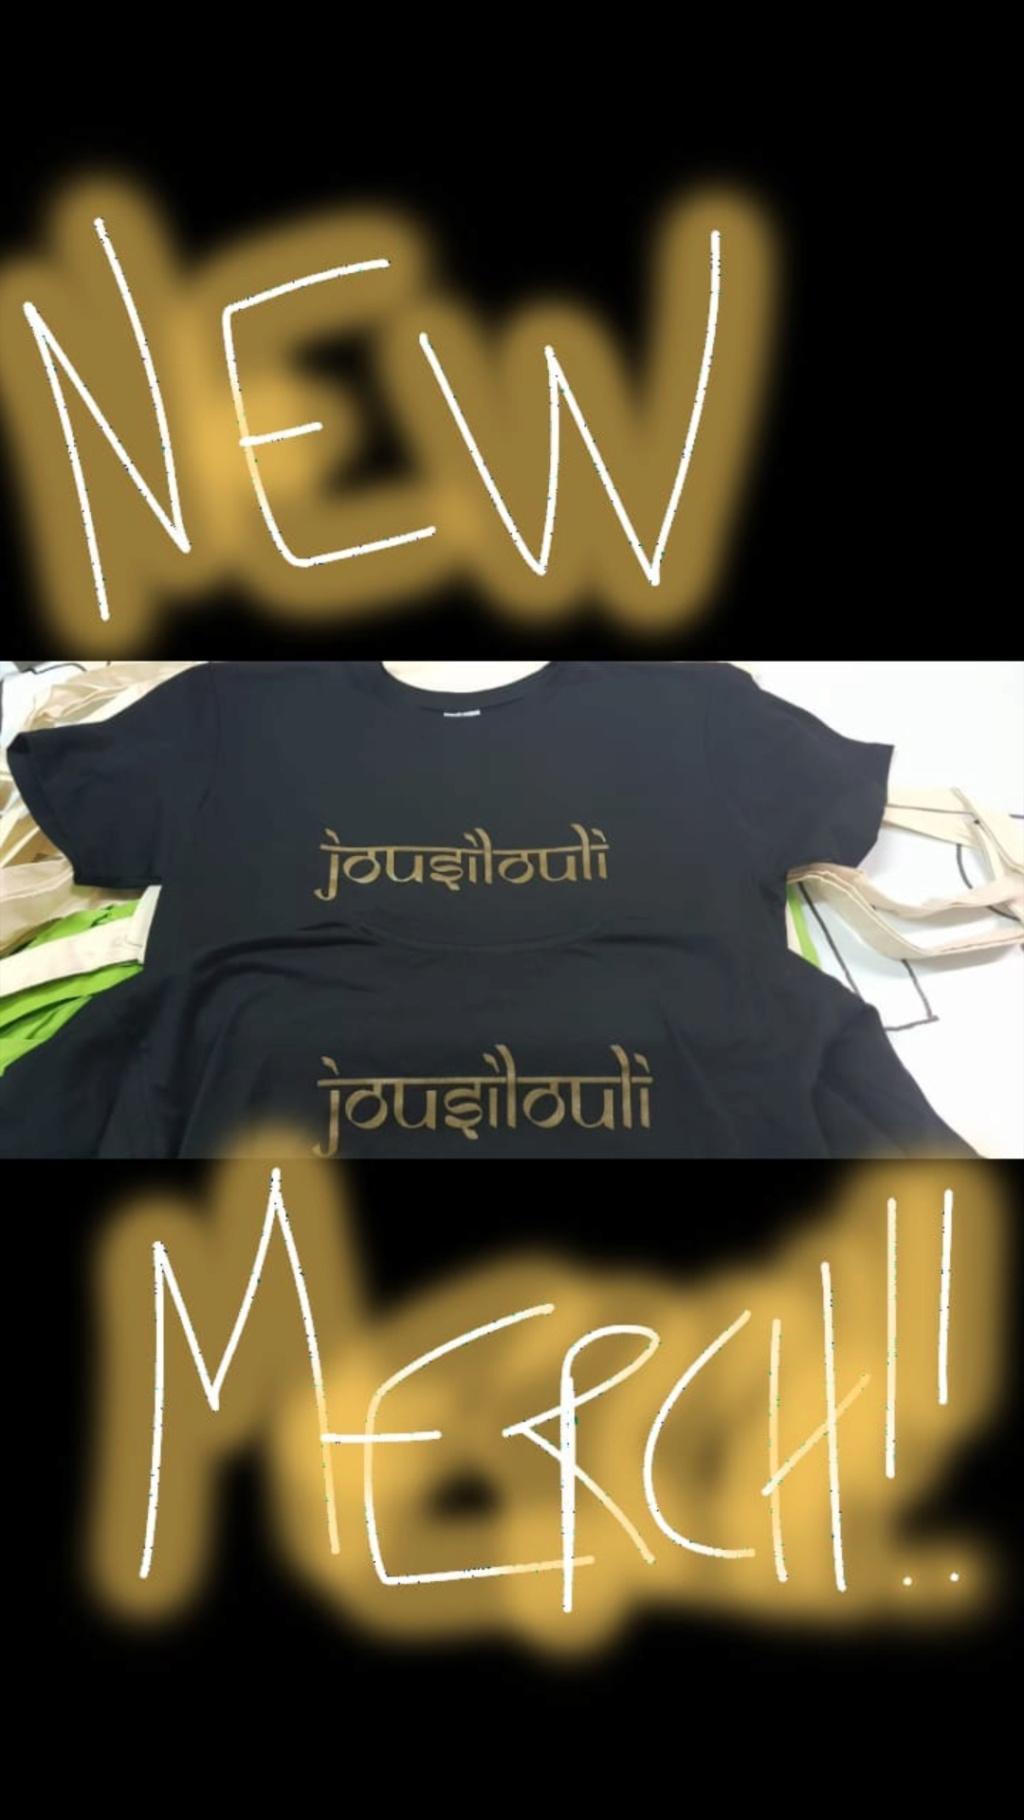 Jousilouli, el topic donde hablar de jousilouli o Joselillo y del amado género nu metal y géneros afines - Página 16 Screen11